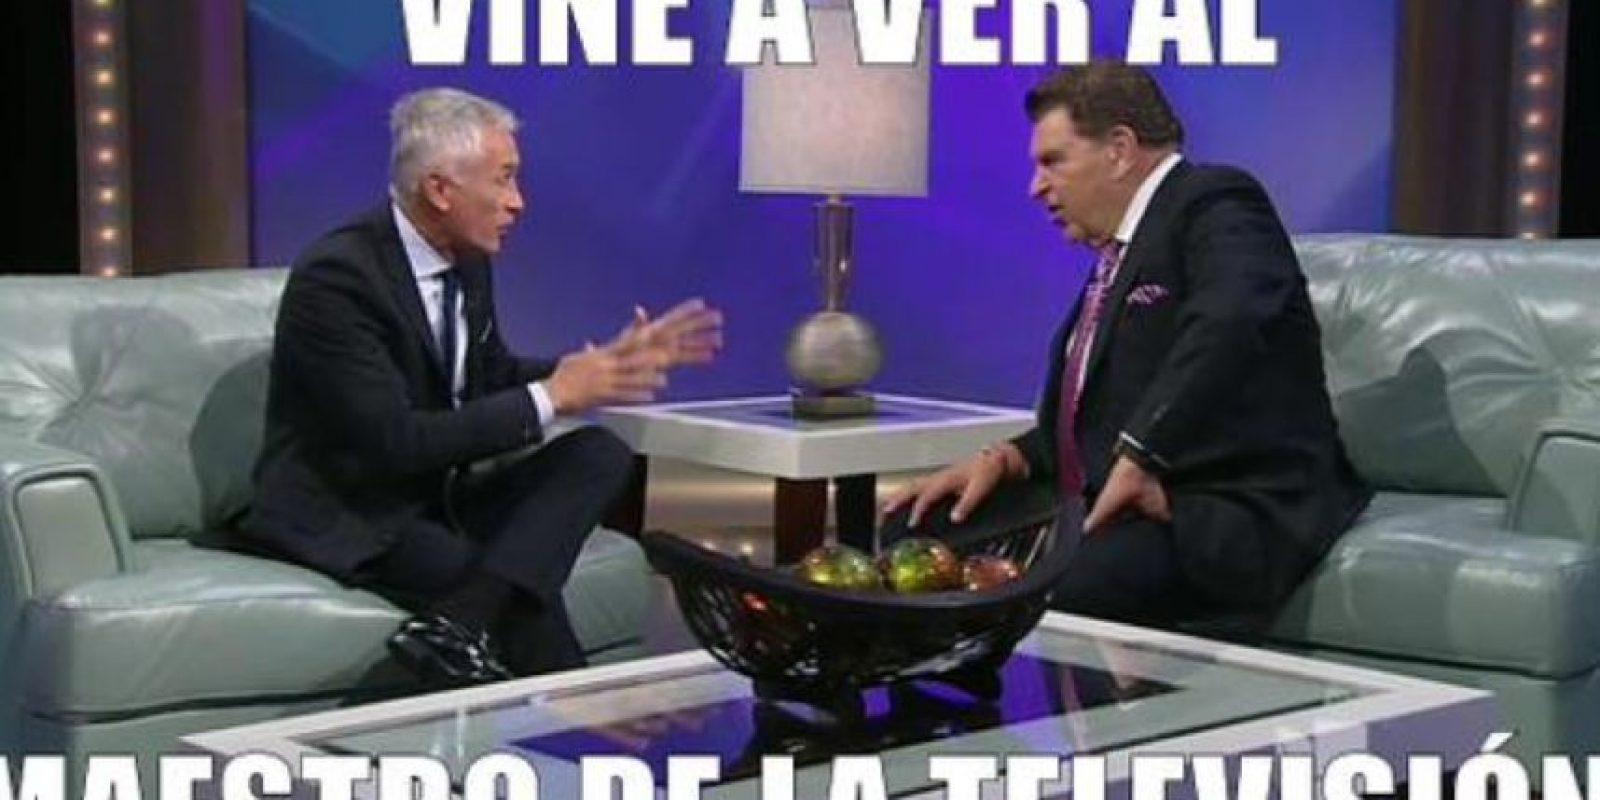 También afirmó que candidato que no entrevistaba no llegaba a la Casa Blanca. Foto:vía Twitter/Univision